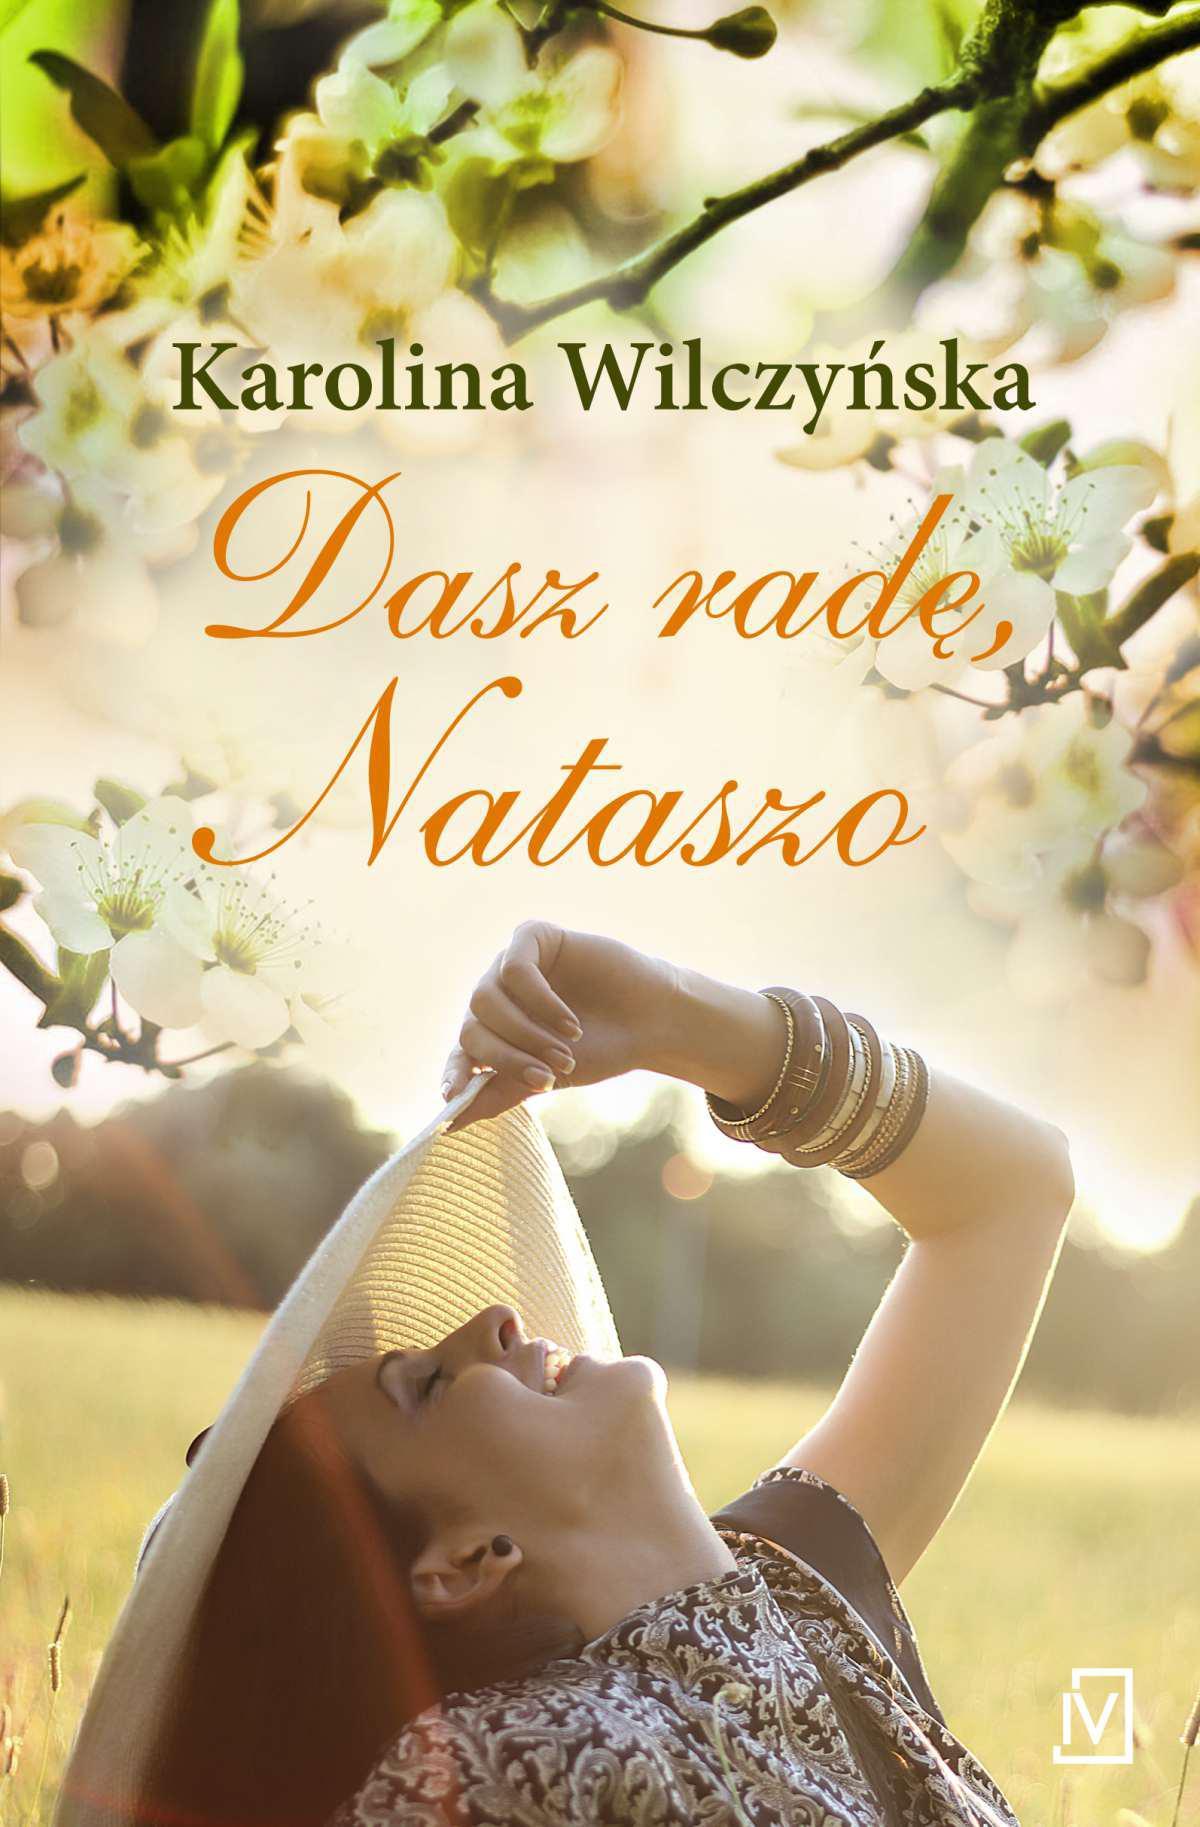 Dasz radę, Nataszo - Ebook (Książka EPUB) do pobrania w formacie EPUB